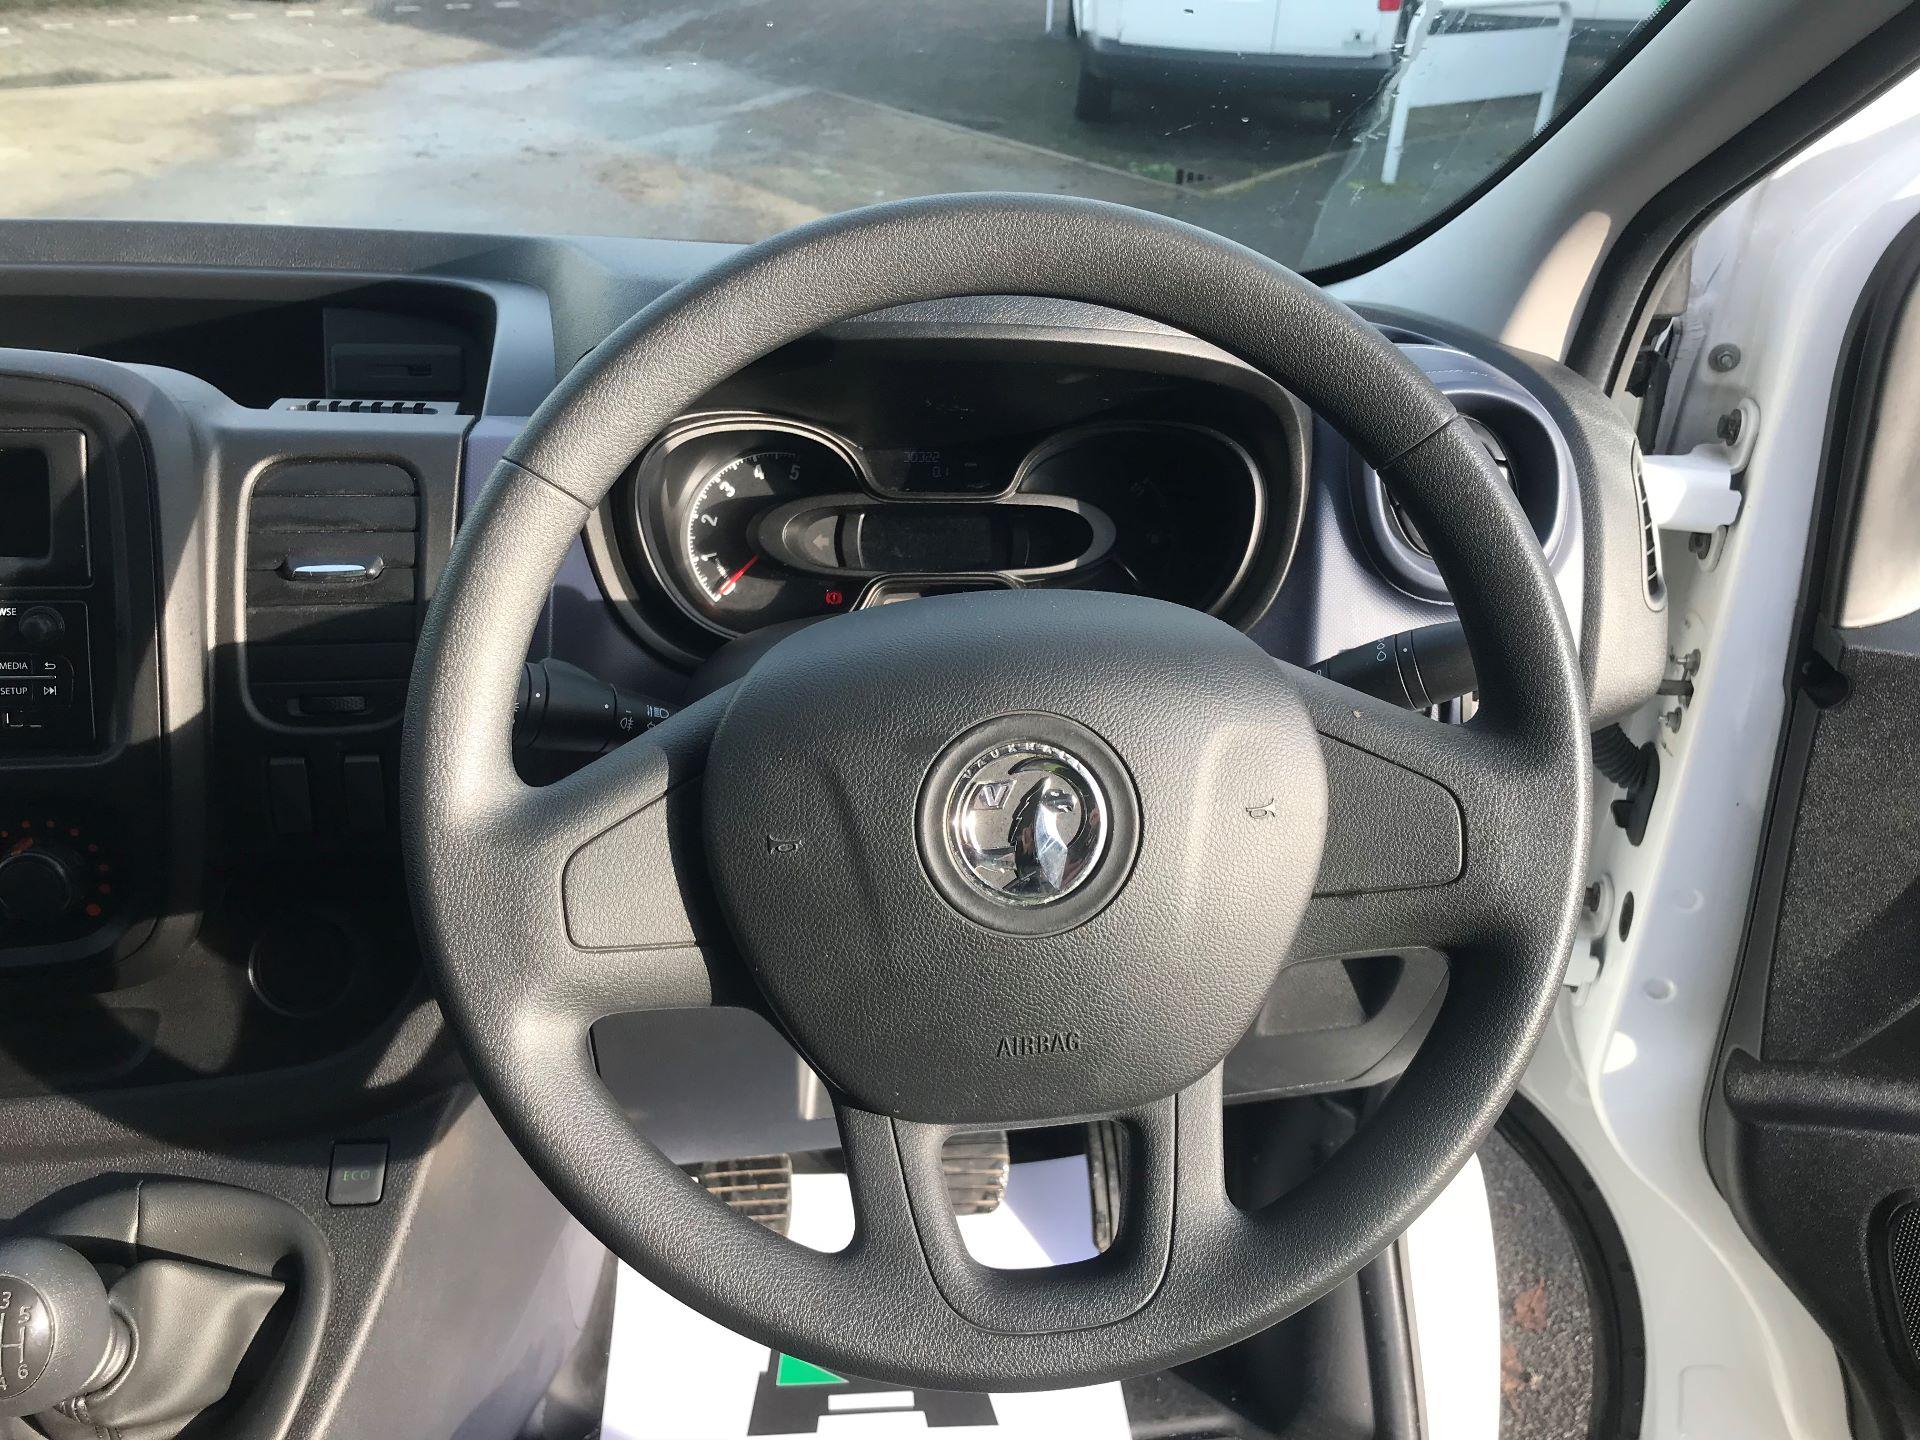 2017 Vauxhall Vivaro L2 H1 2900 1.6CDTI 120PS EURO 6 (DV67LVD) Image 18